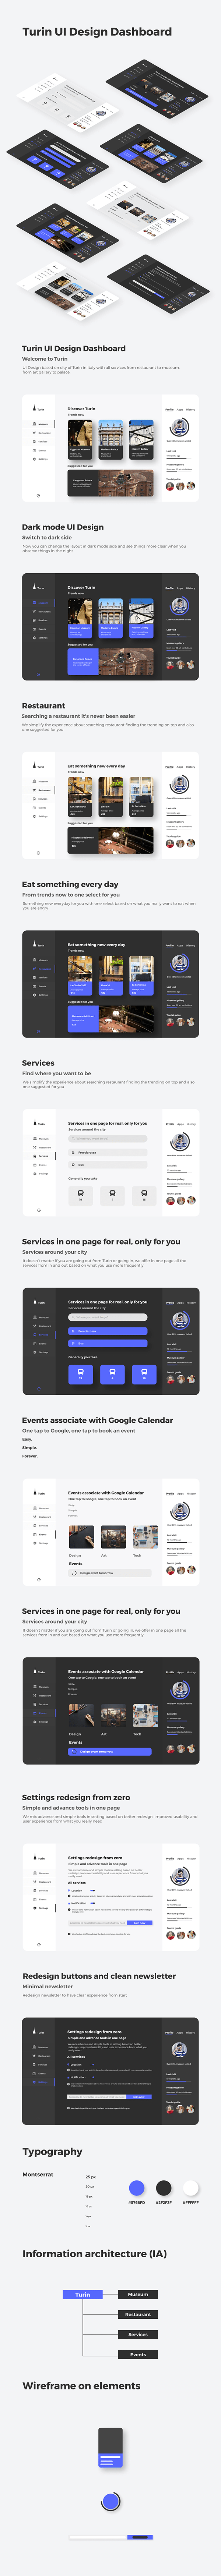 Turin UI Design Dashboard